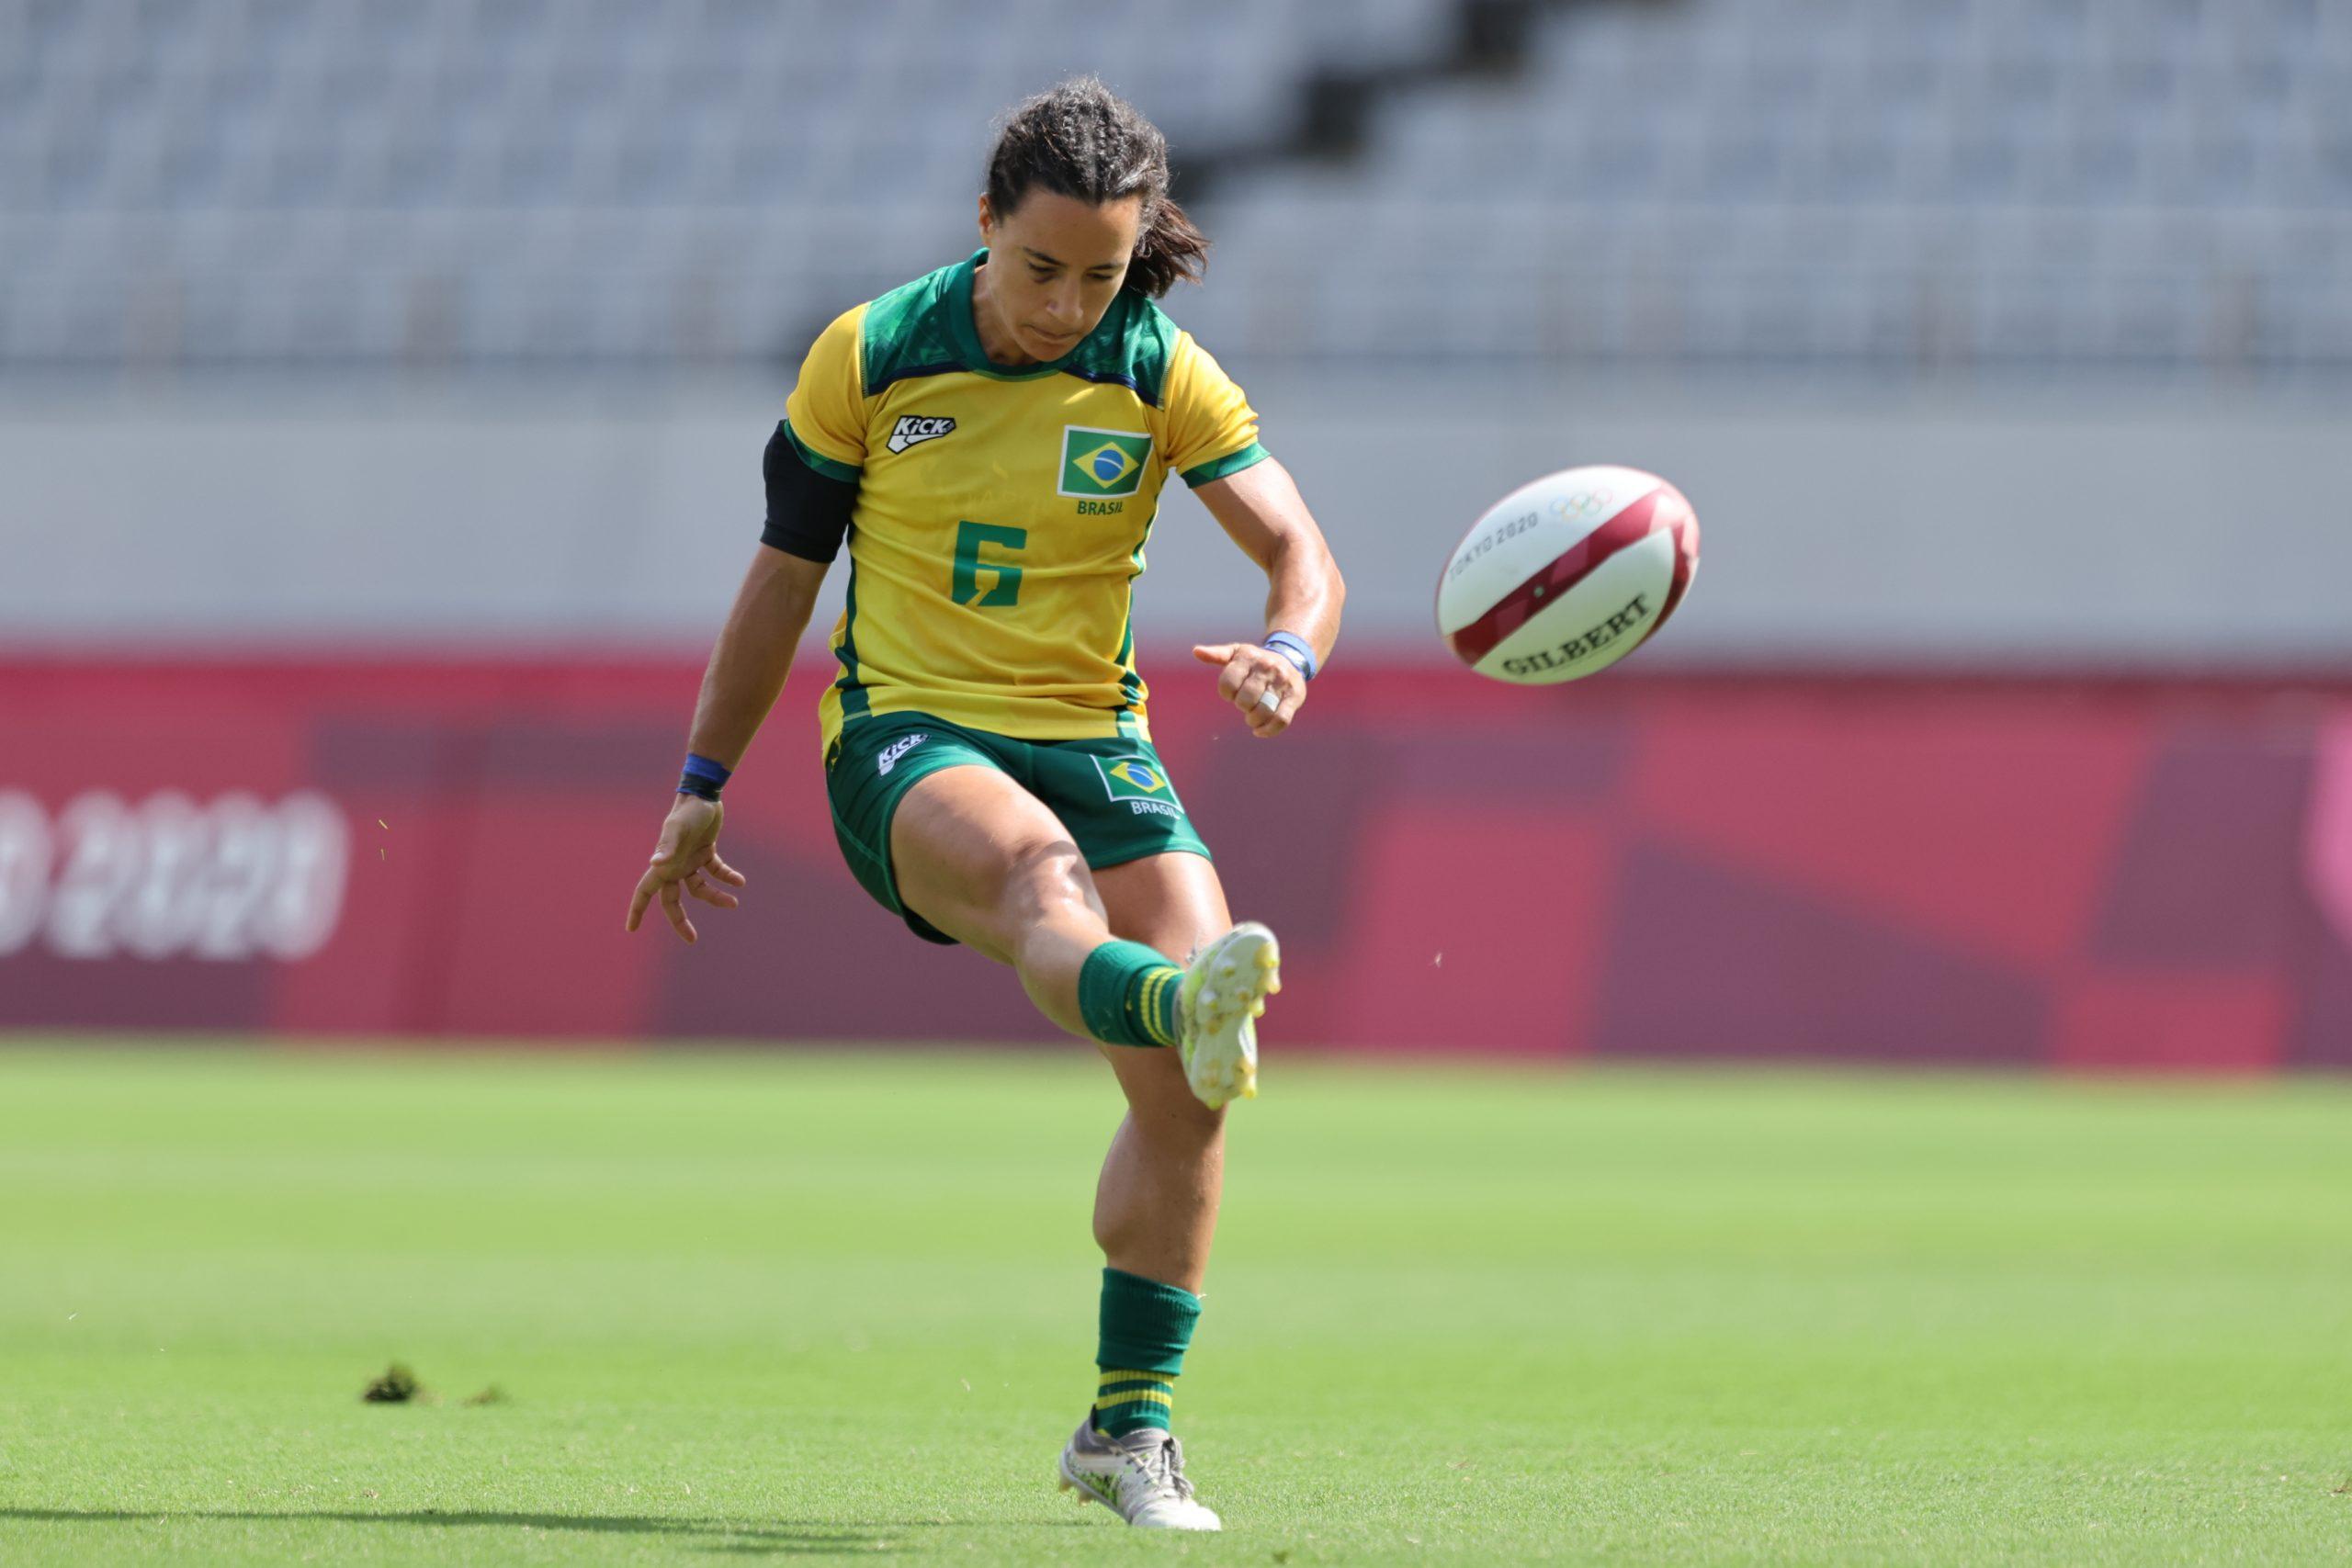 Atleta das Yaras participará da primeira liga profissional de rugby sevens dos EUA